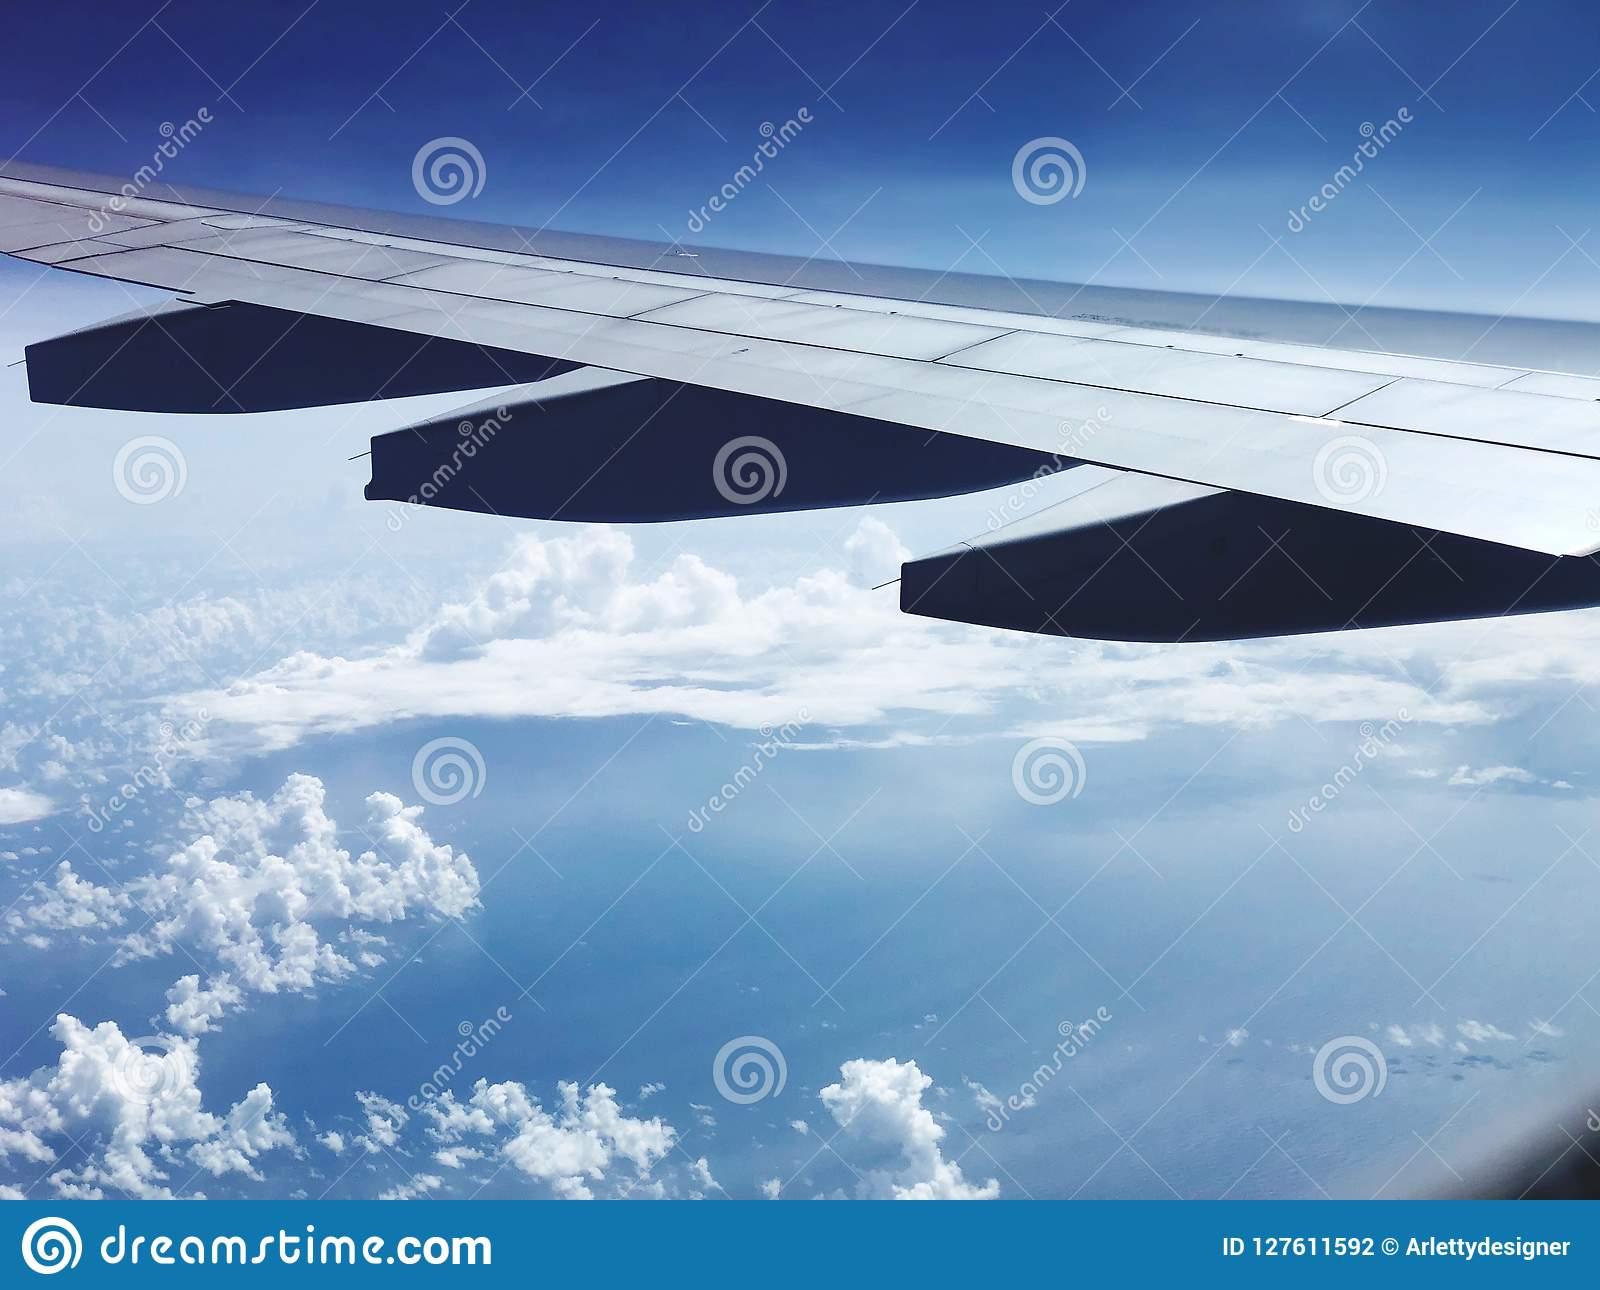 Voyage dans le ciel